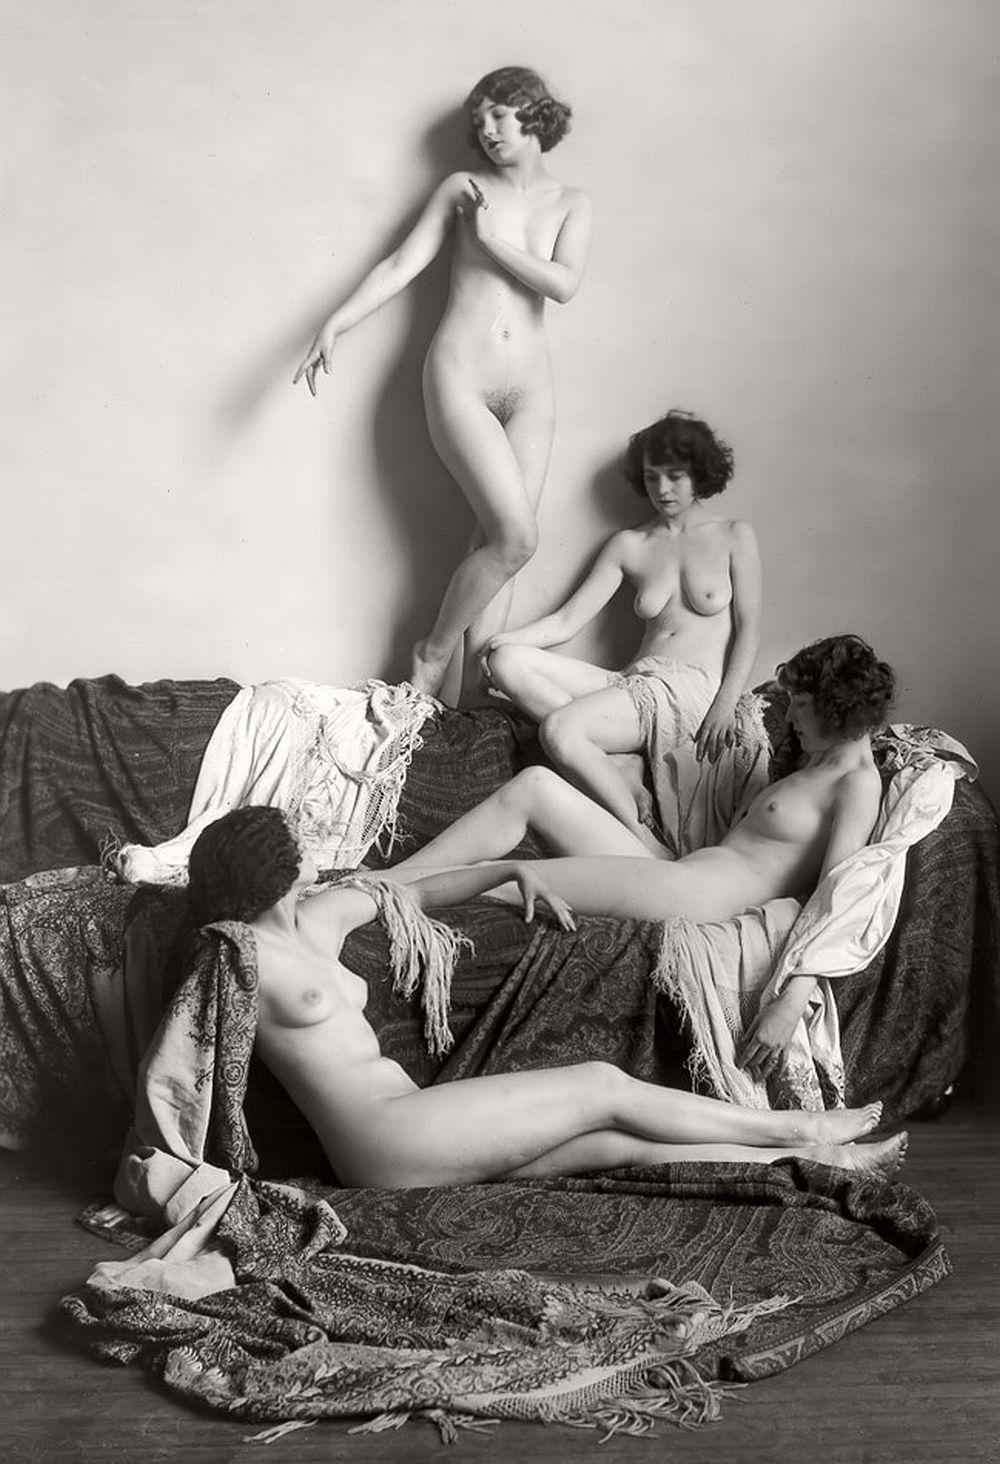 retro-vintage-nudes-erotica-1920s-04